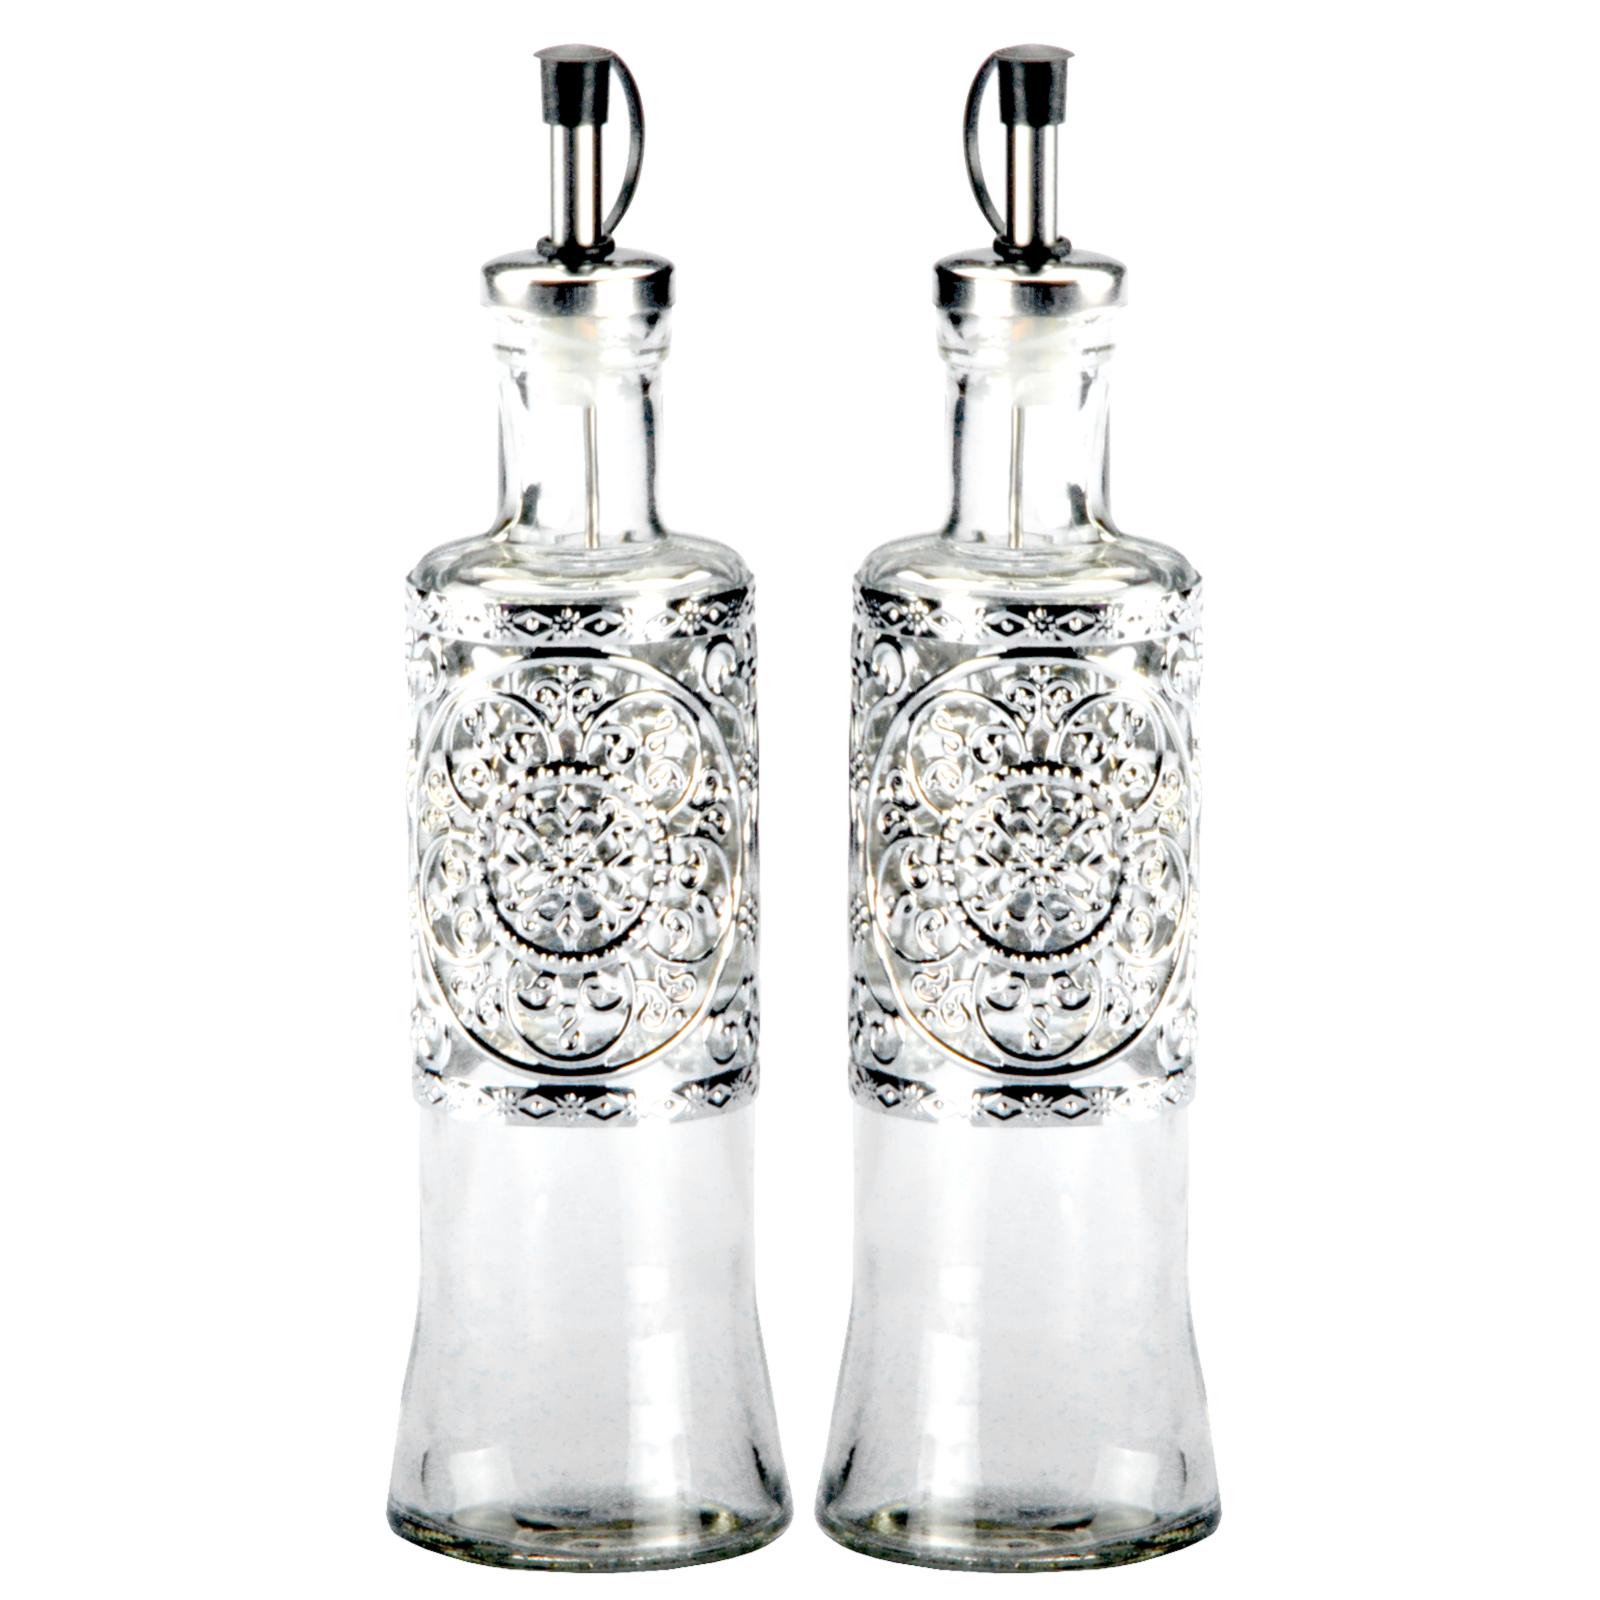 2 x essig l flasche essigspender lspender spender glas essigflasche lflasche ebay. Black Bedroom Furniture Sets. Home Design Ideas